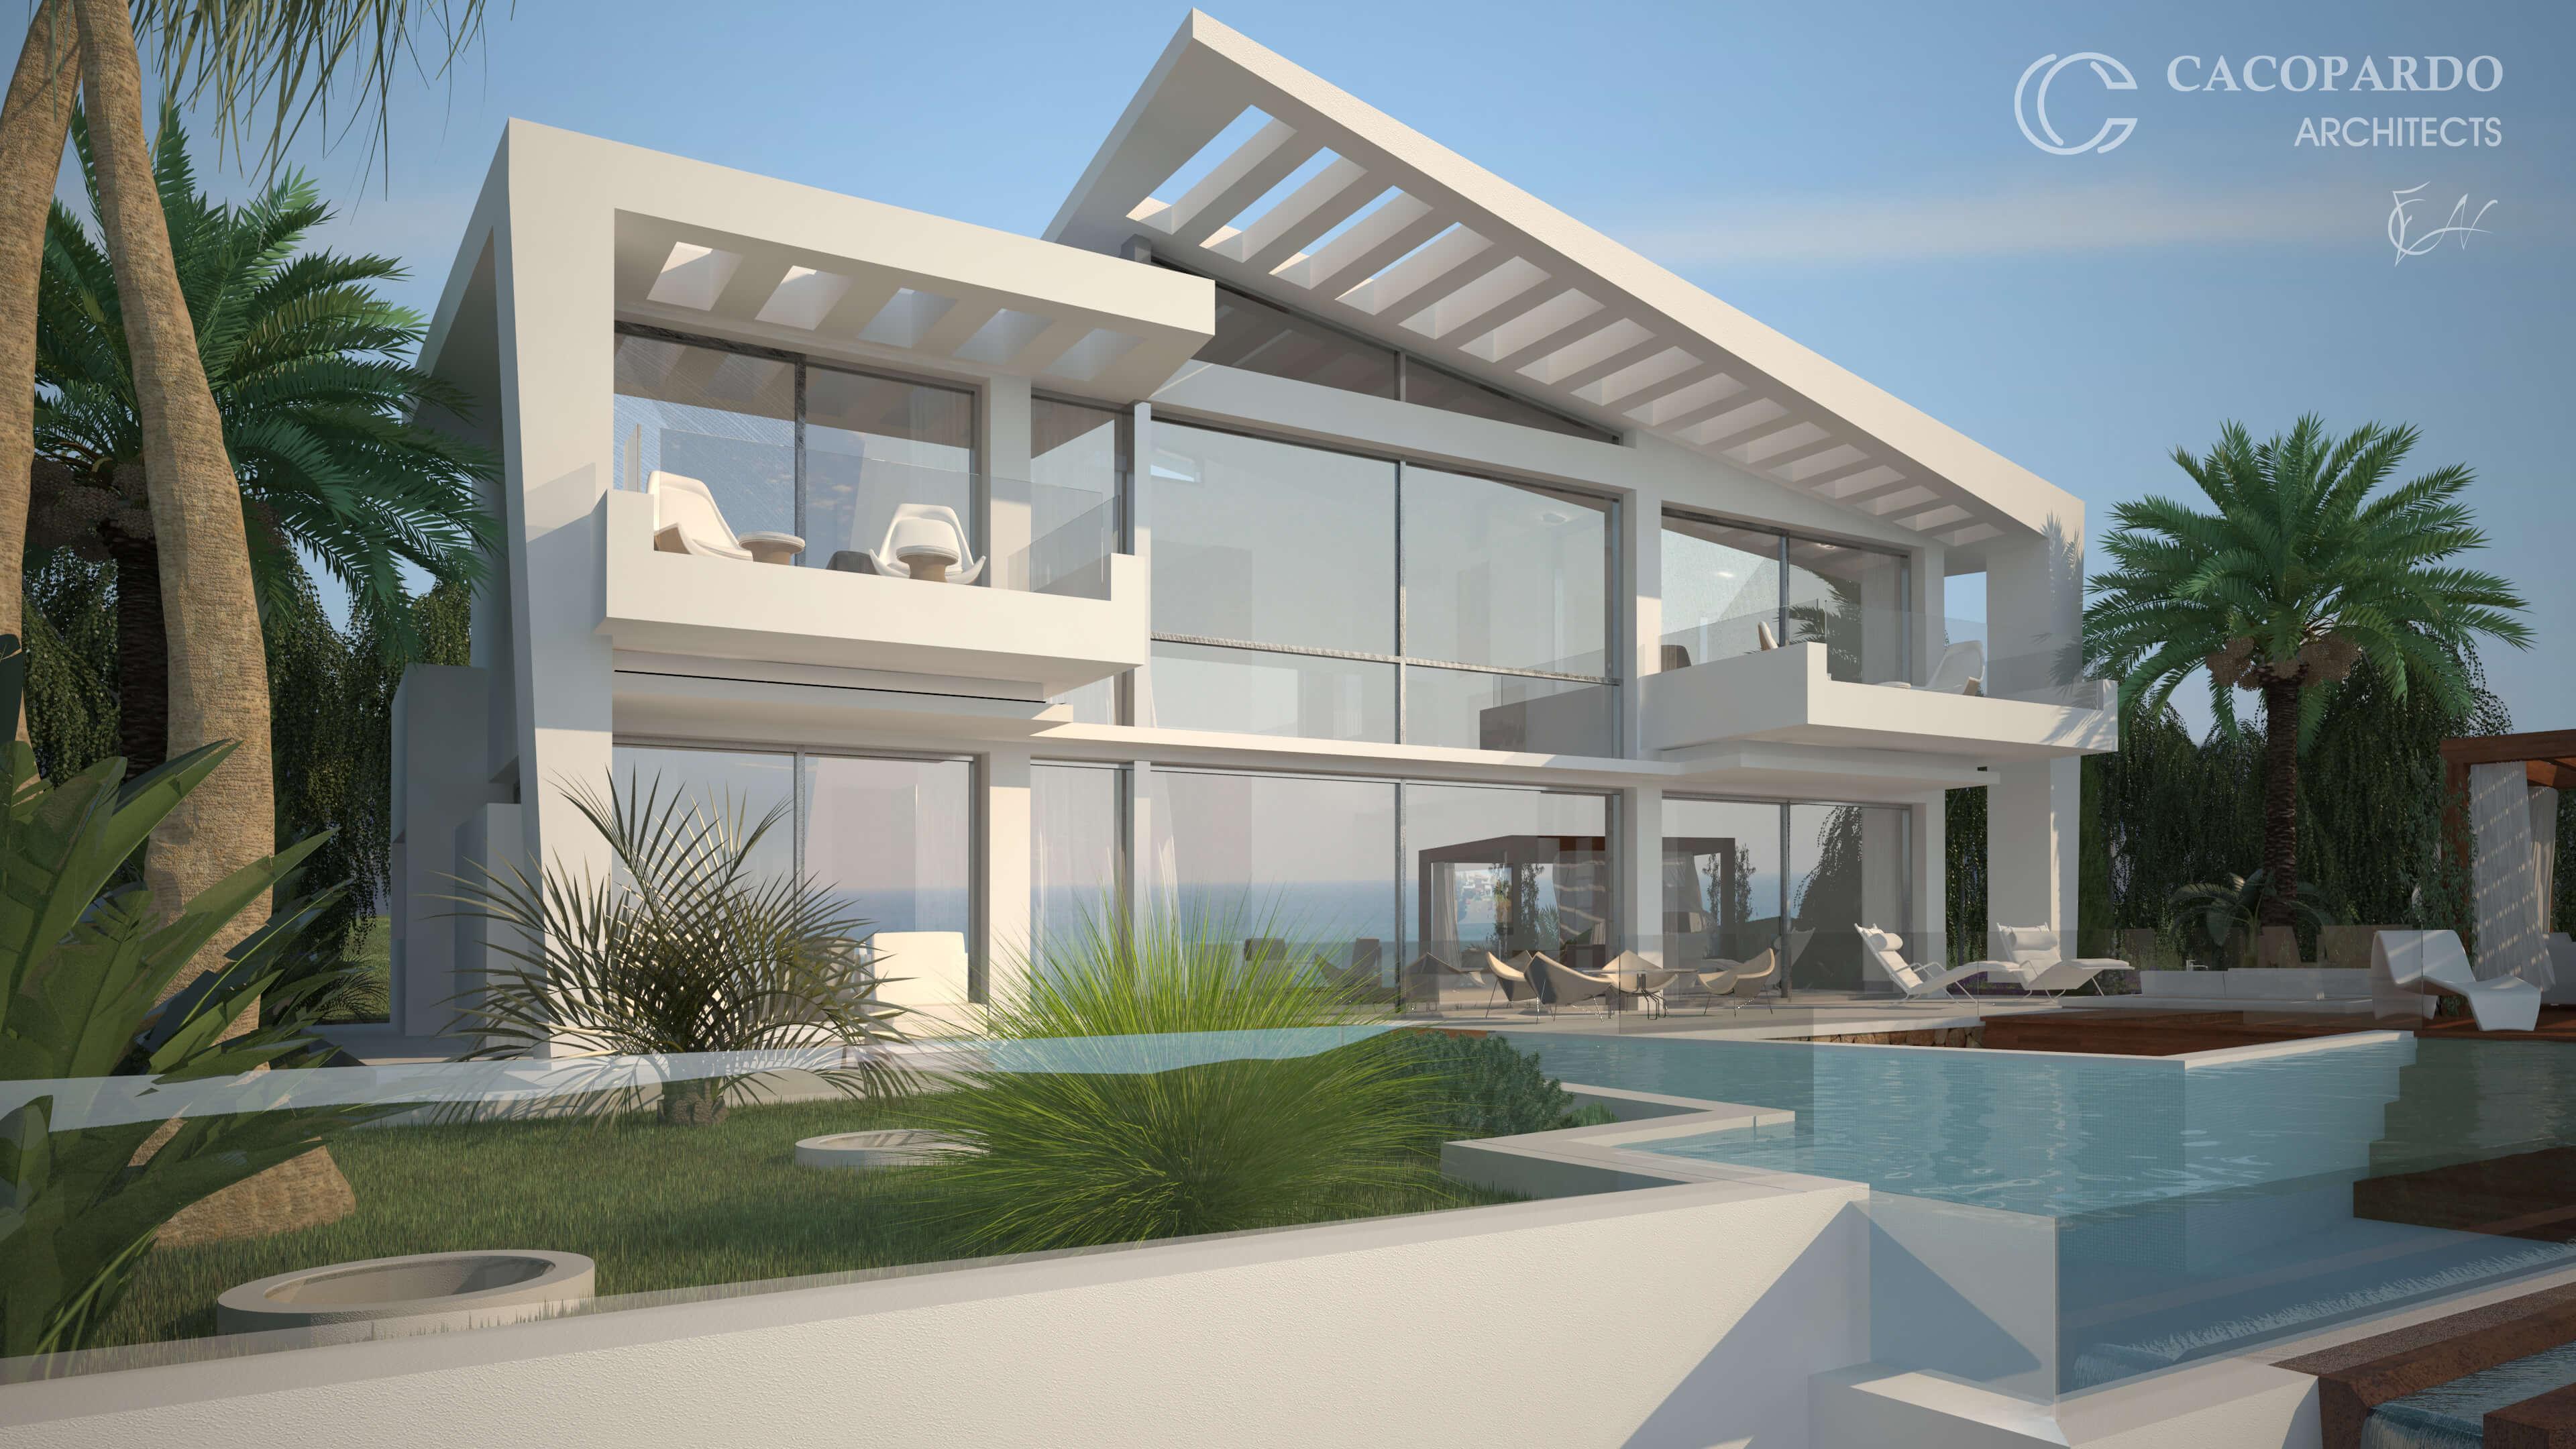 Vista del área jardín y piscina, Infinitum House, Costa del Sol